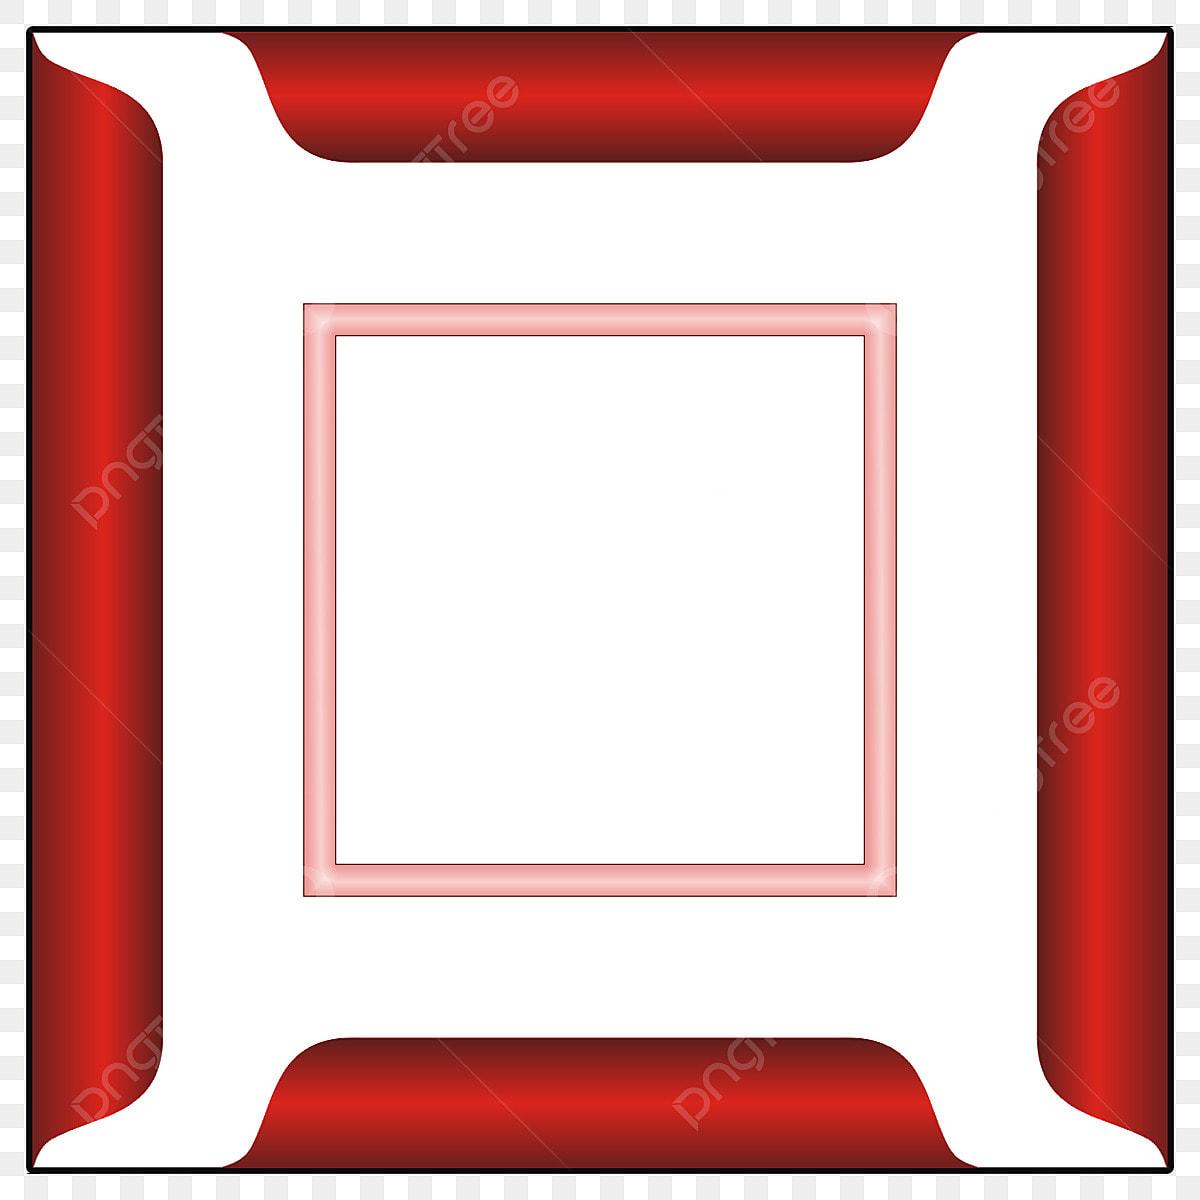 Image Pour Mettre Dans Un Cadre cadre rouge 3d, cadre photo deux couleurs png, cadre photo